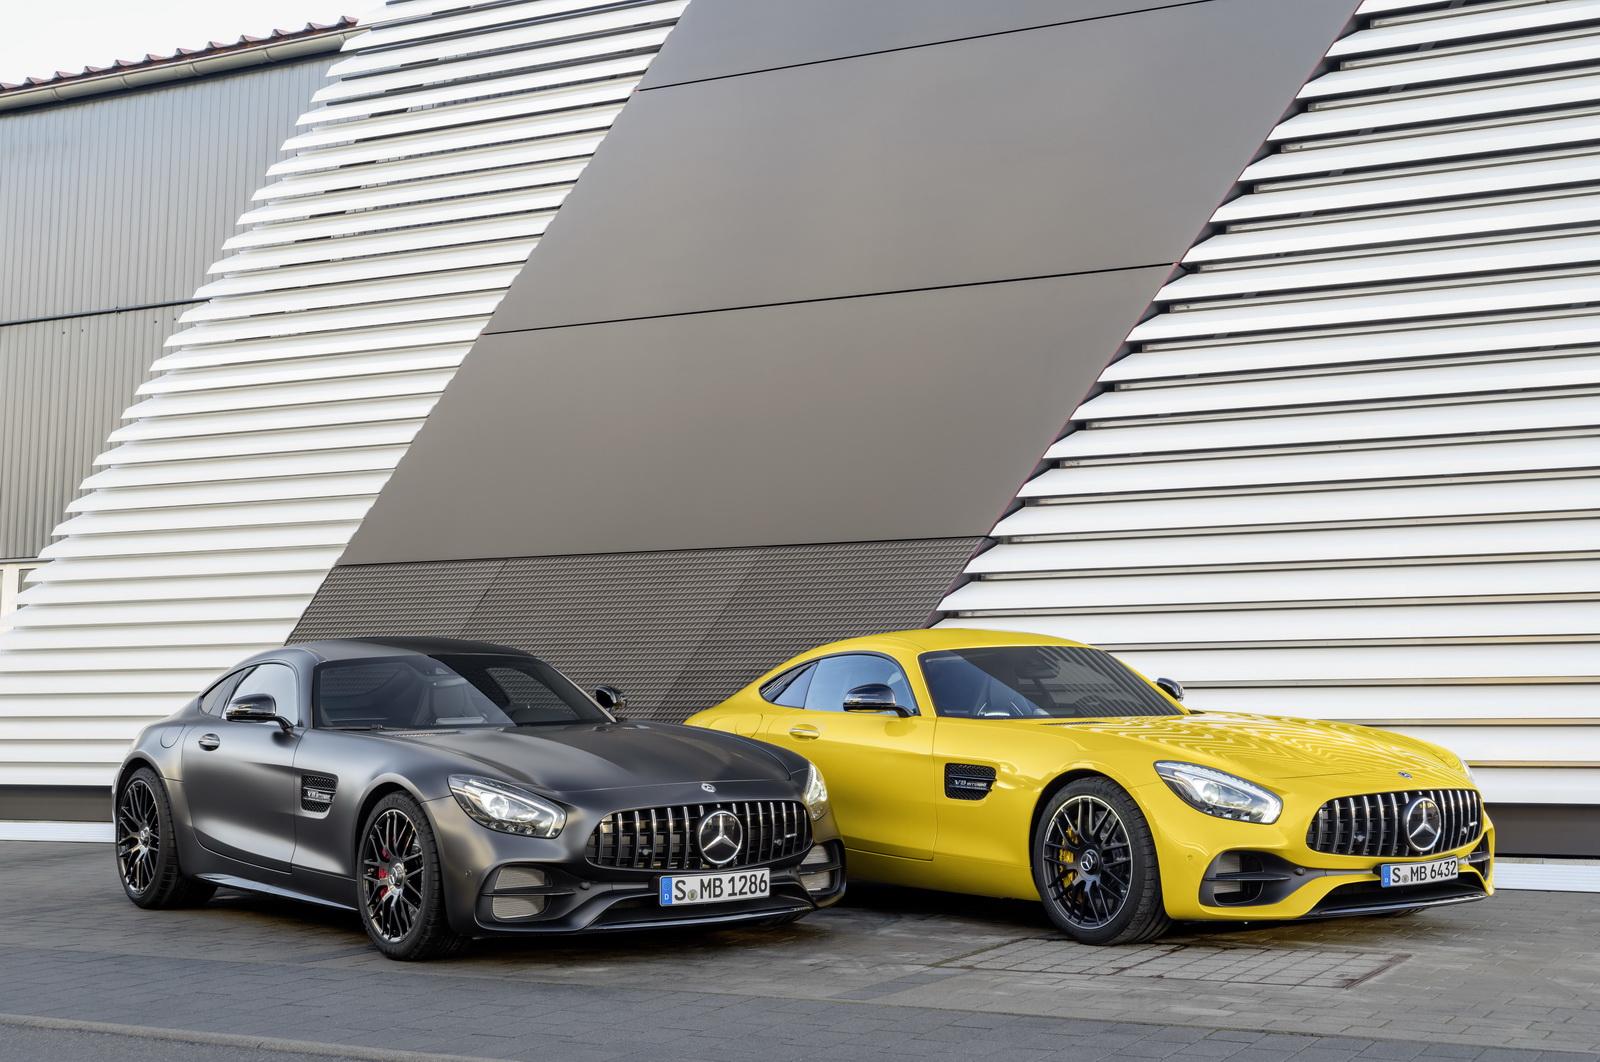 Mercedes-AMG GT C Edition 50, graphitgrau magno; Mercedes-AMG GT S, solarbeam ;Kraftstoffverbrauch kombiniert: 11,3 l/100 km, CO2-Emissionen kombiniert: 257 g/km; Kraftstoffverbrauch kombiniert: 9,4 l/100 km, CO2-Emissionen kombiniert: 219 g/km Mercedes-AMG GT C Edition 50, graphite grey magno; Mercedes-AMG GT S, solarbeam; Fuel consumption combined:  11.3 l/100 km; Combined CO2 emissions: 257 g/km; Fuel consumption combined:  9.4 l/100 km; Combined CO2 emissions: 219 g/km